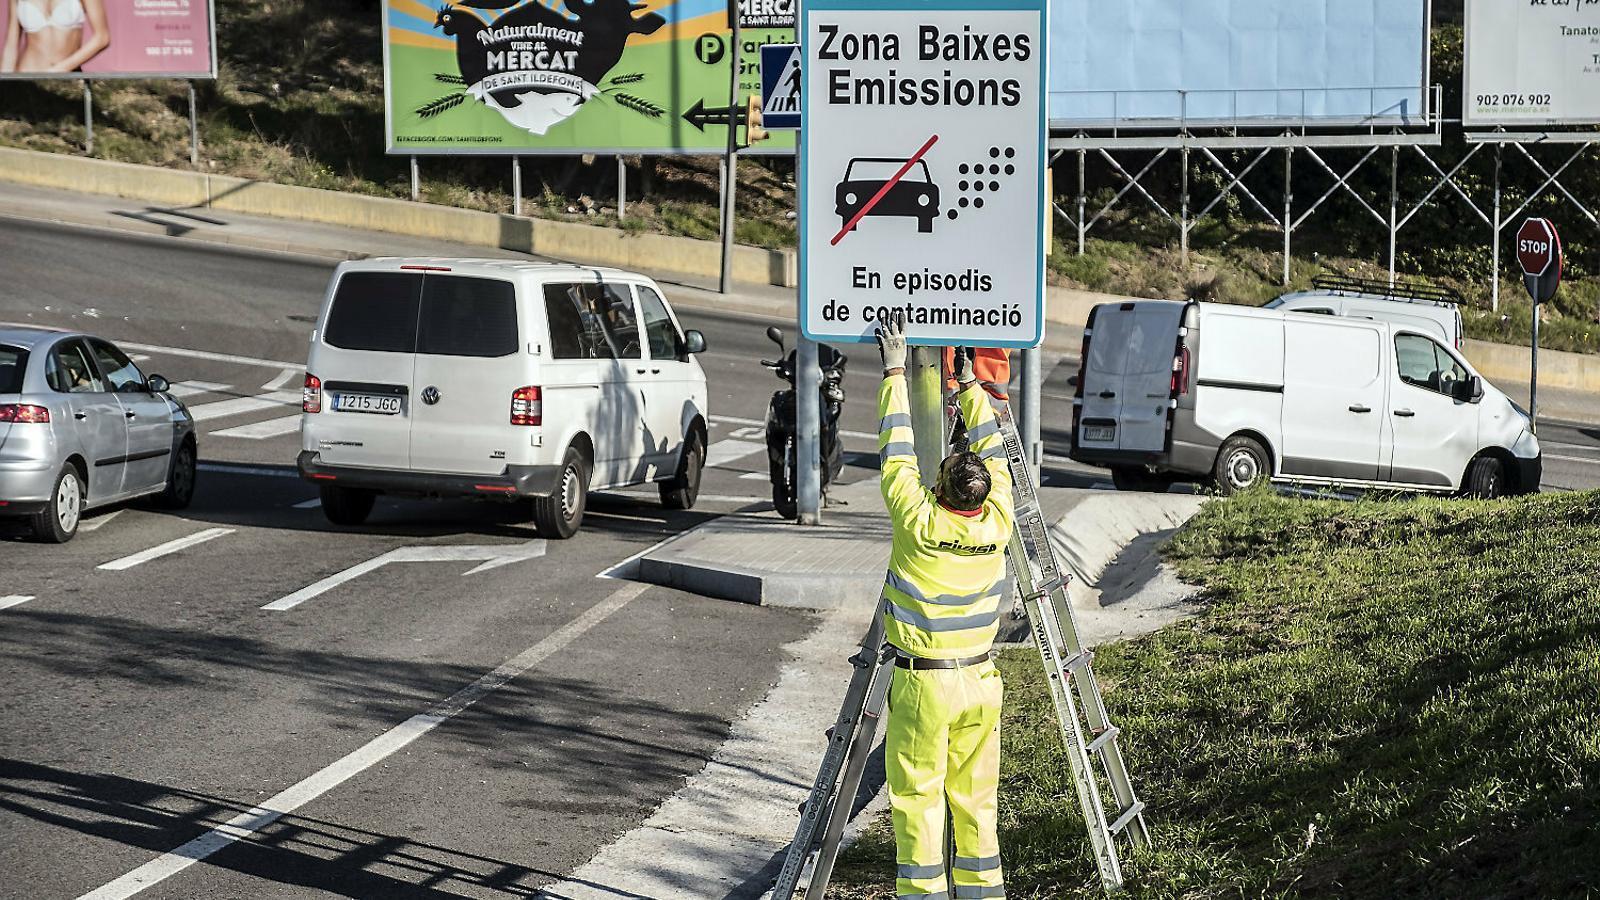 Els vehicles contaminants podran circular per la zona de baixes emissions deu dies a l'any per dos euros al dia